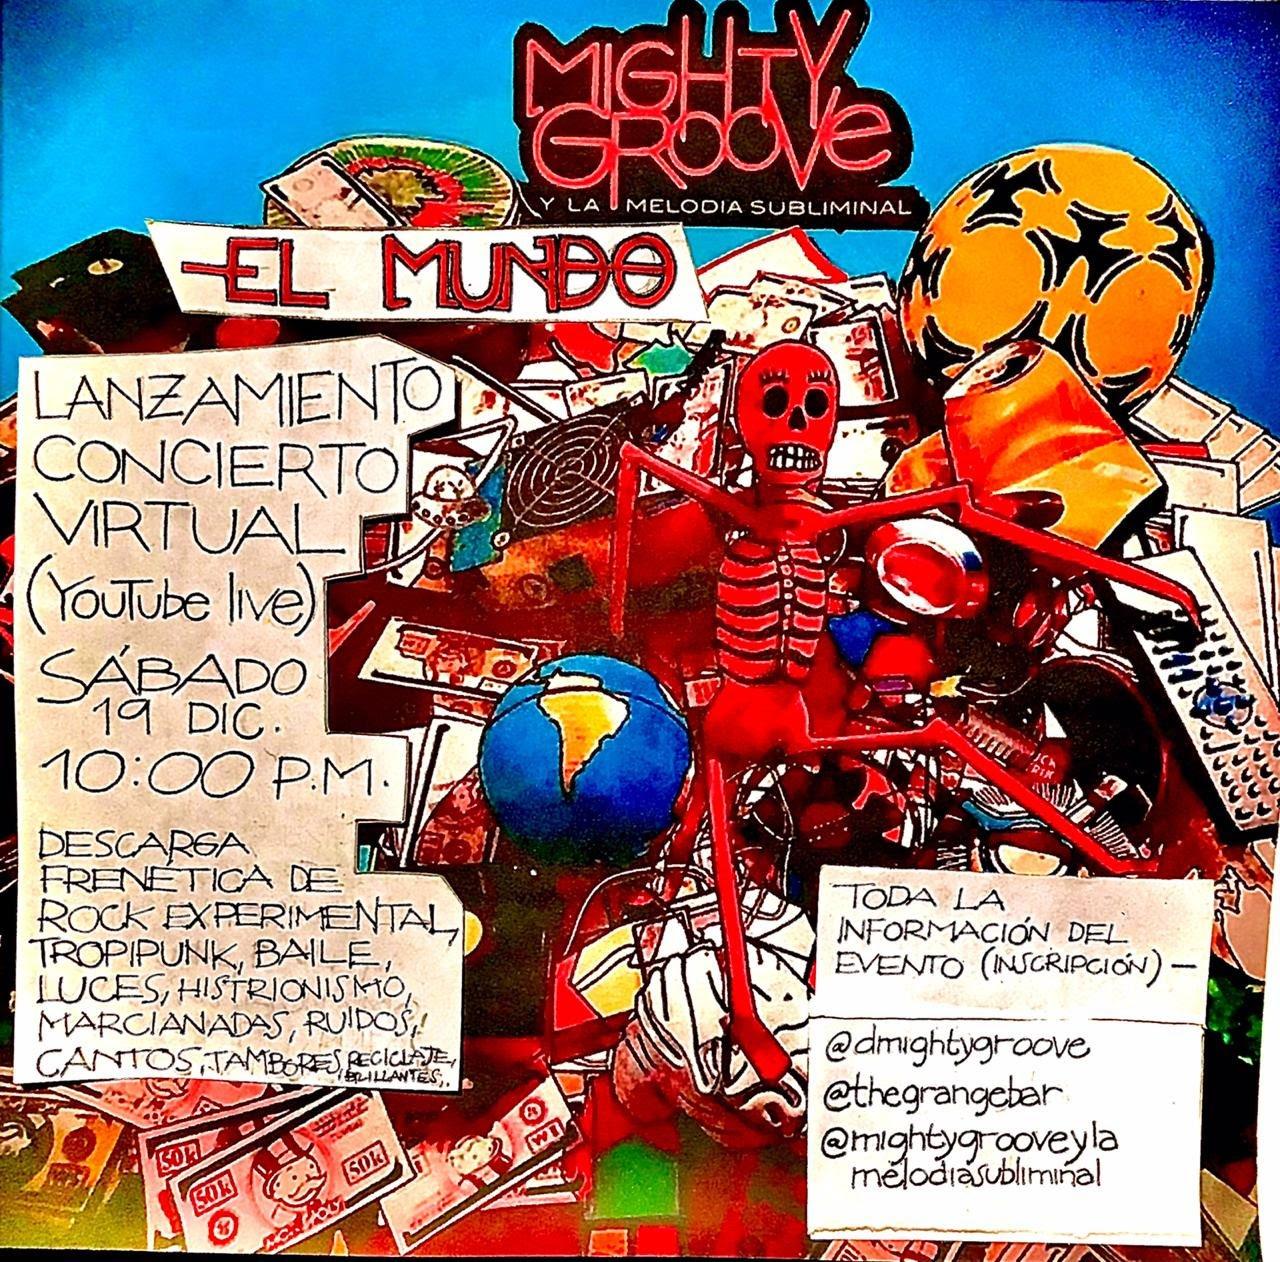 Mighty Groove y la Melodía Subliminal lanza 'El Mundo' Un disco frenético y contestatario - unnamed-17